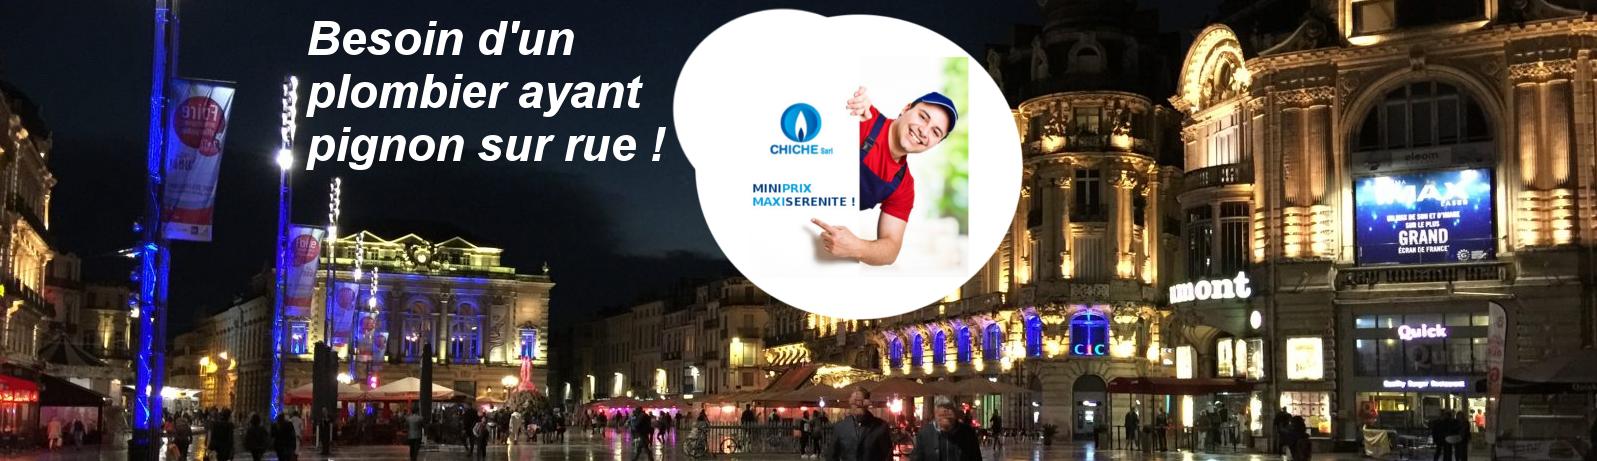 Plombier à Montpellier réparation dépannage plomberie 04 67 85 30 79